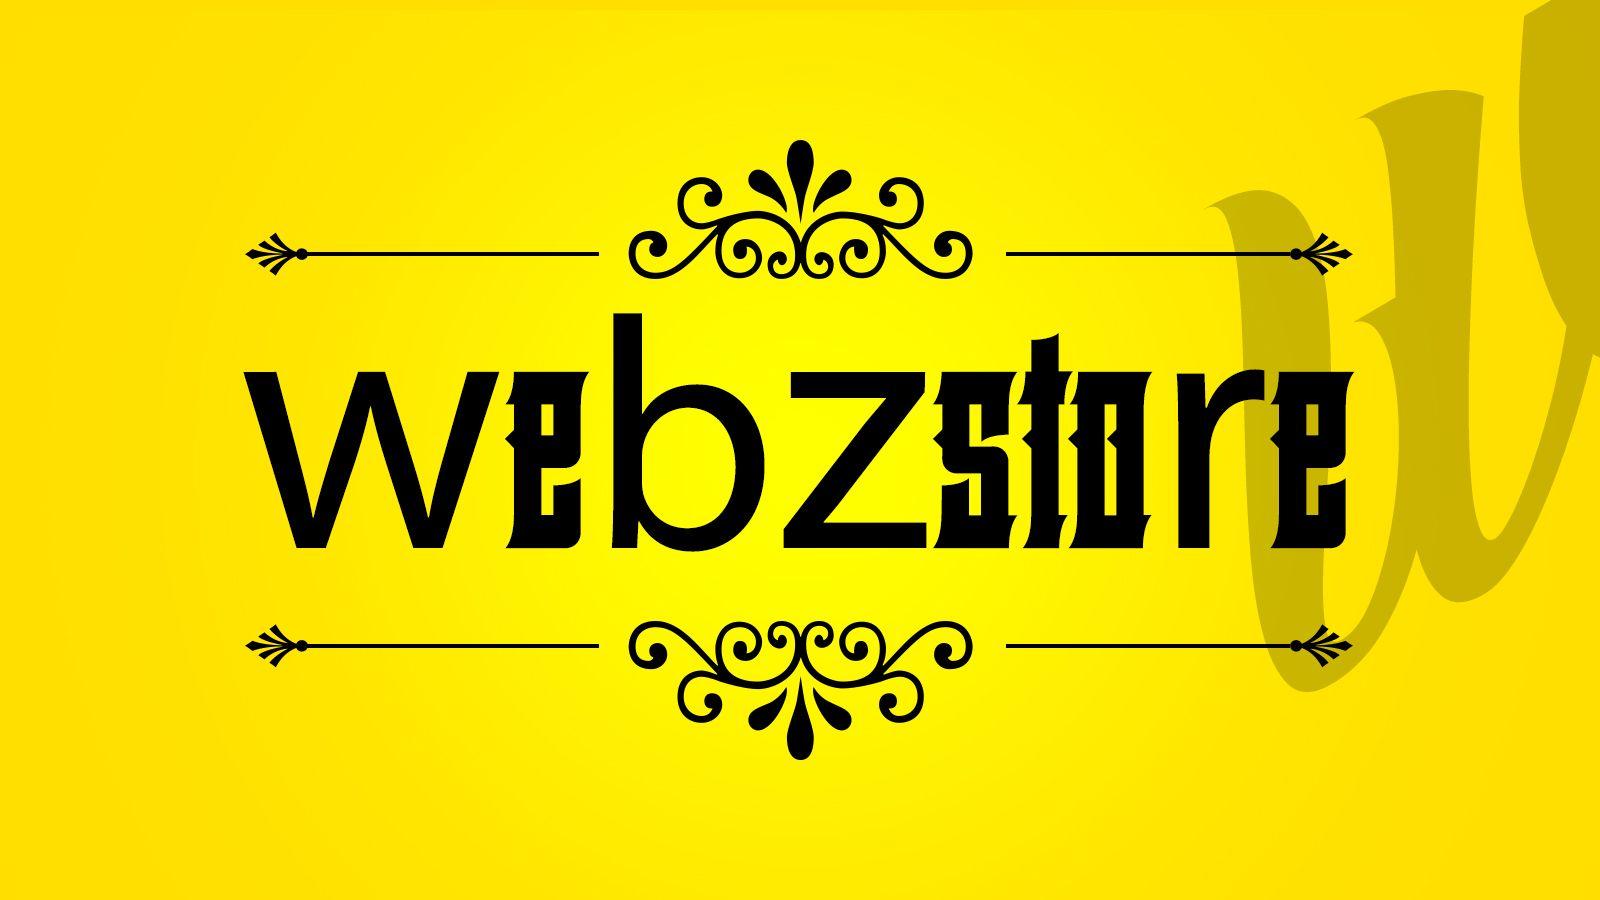 Webzstore.com